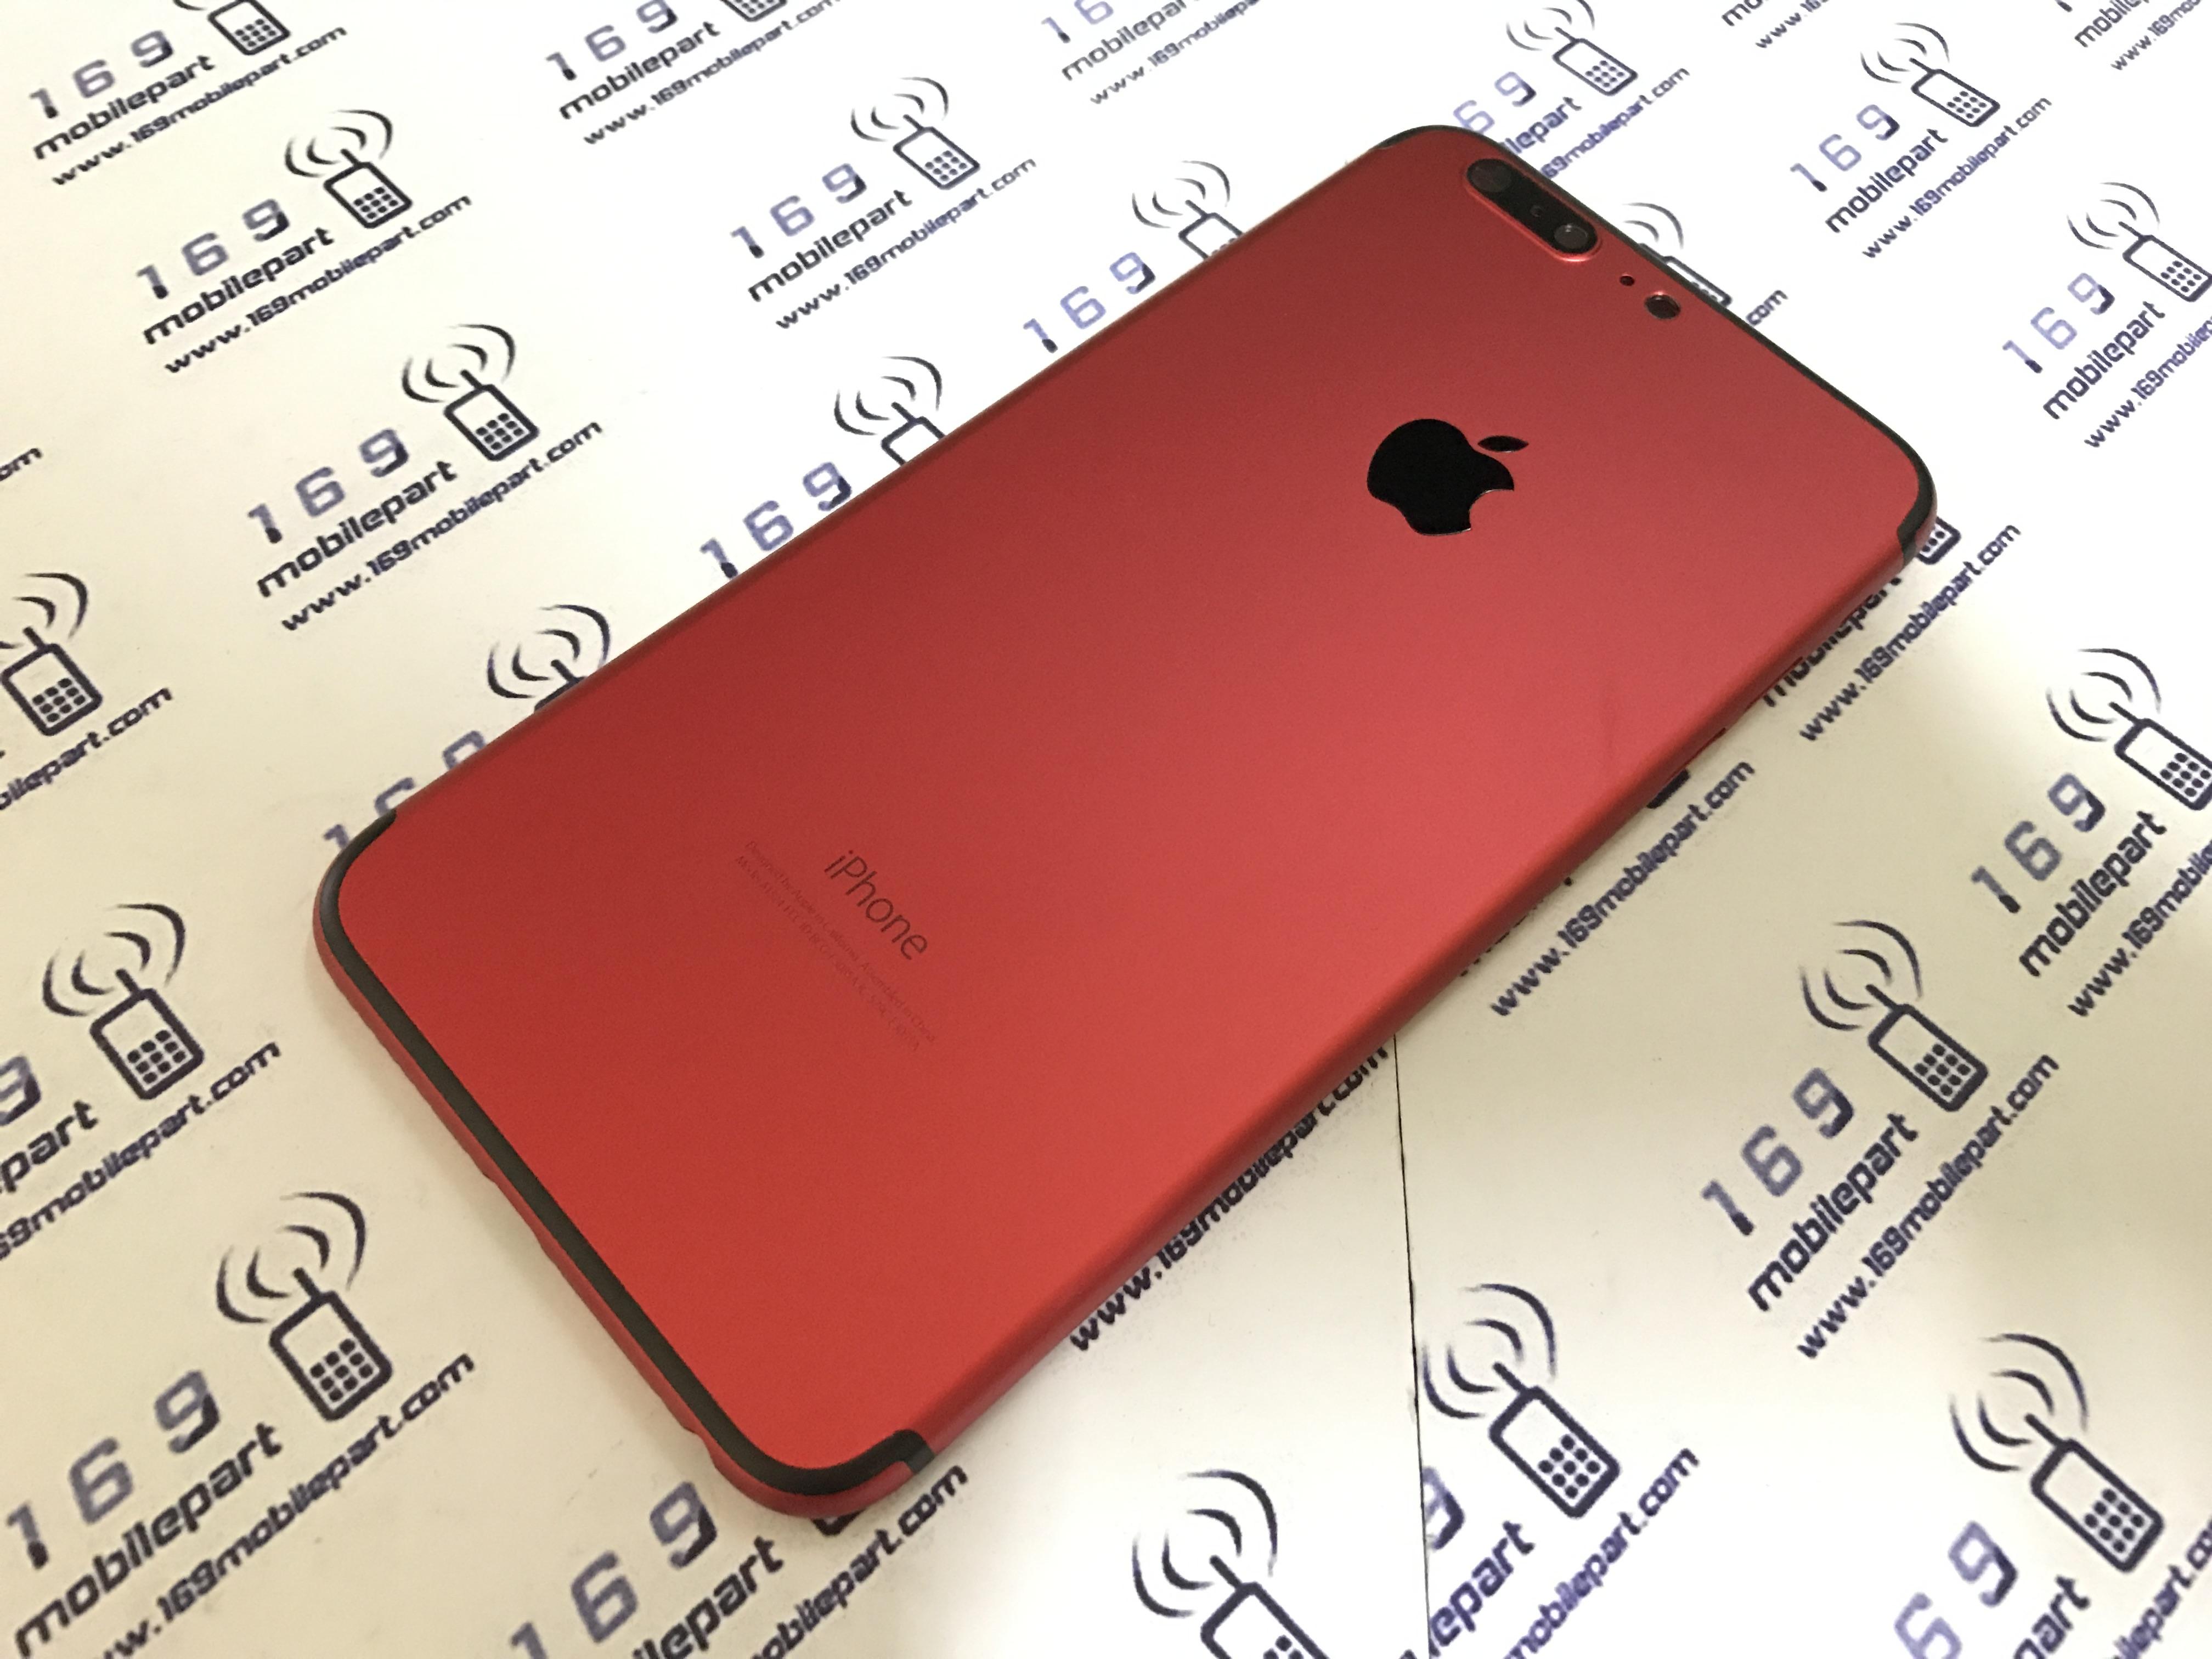 บอดี้ iPhone 6S Plus แปลง i7 Plus สีแดง